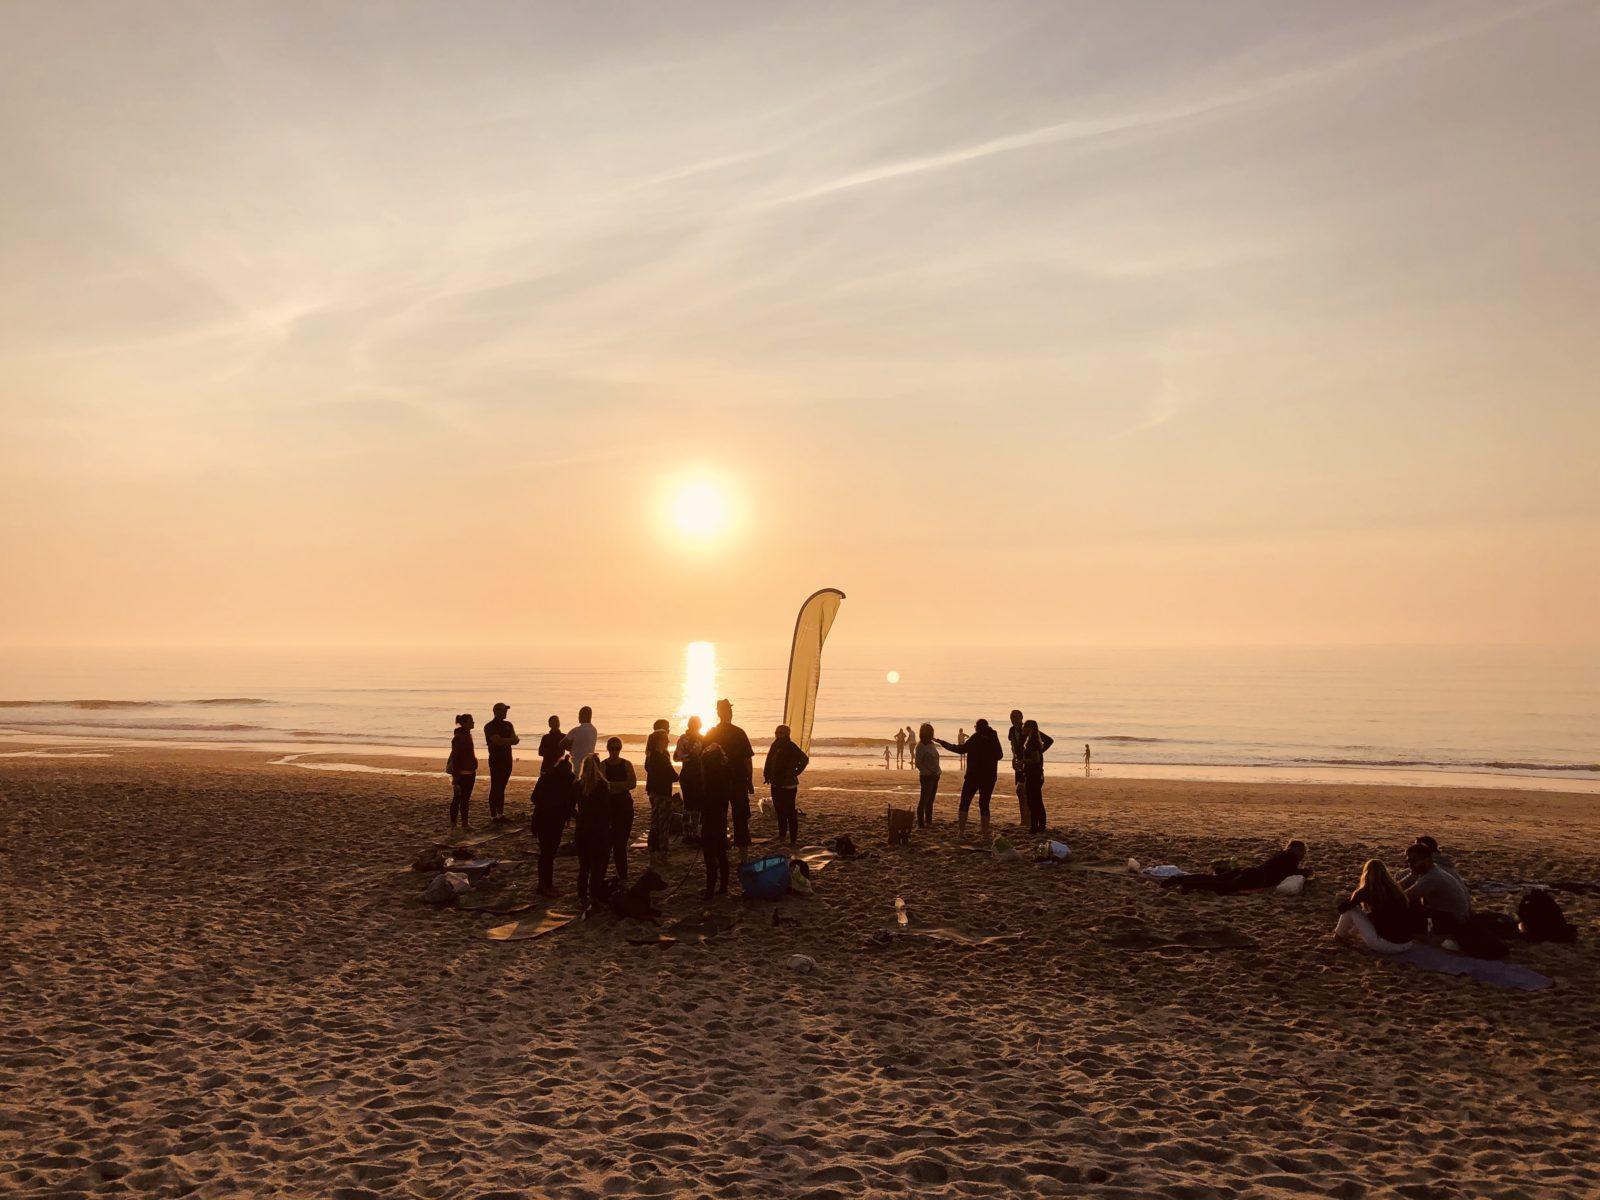 Sportreise Deutschland - Sonnenuntergang am roten Kliff auf Sylt